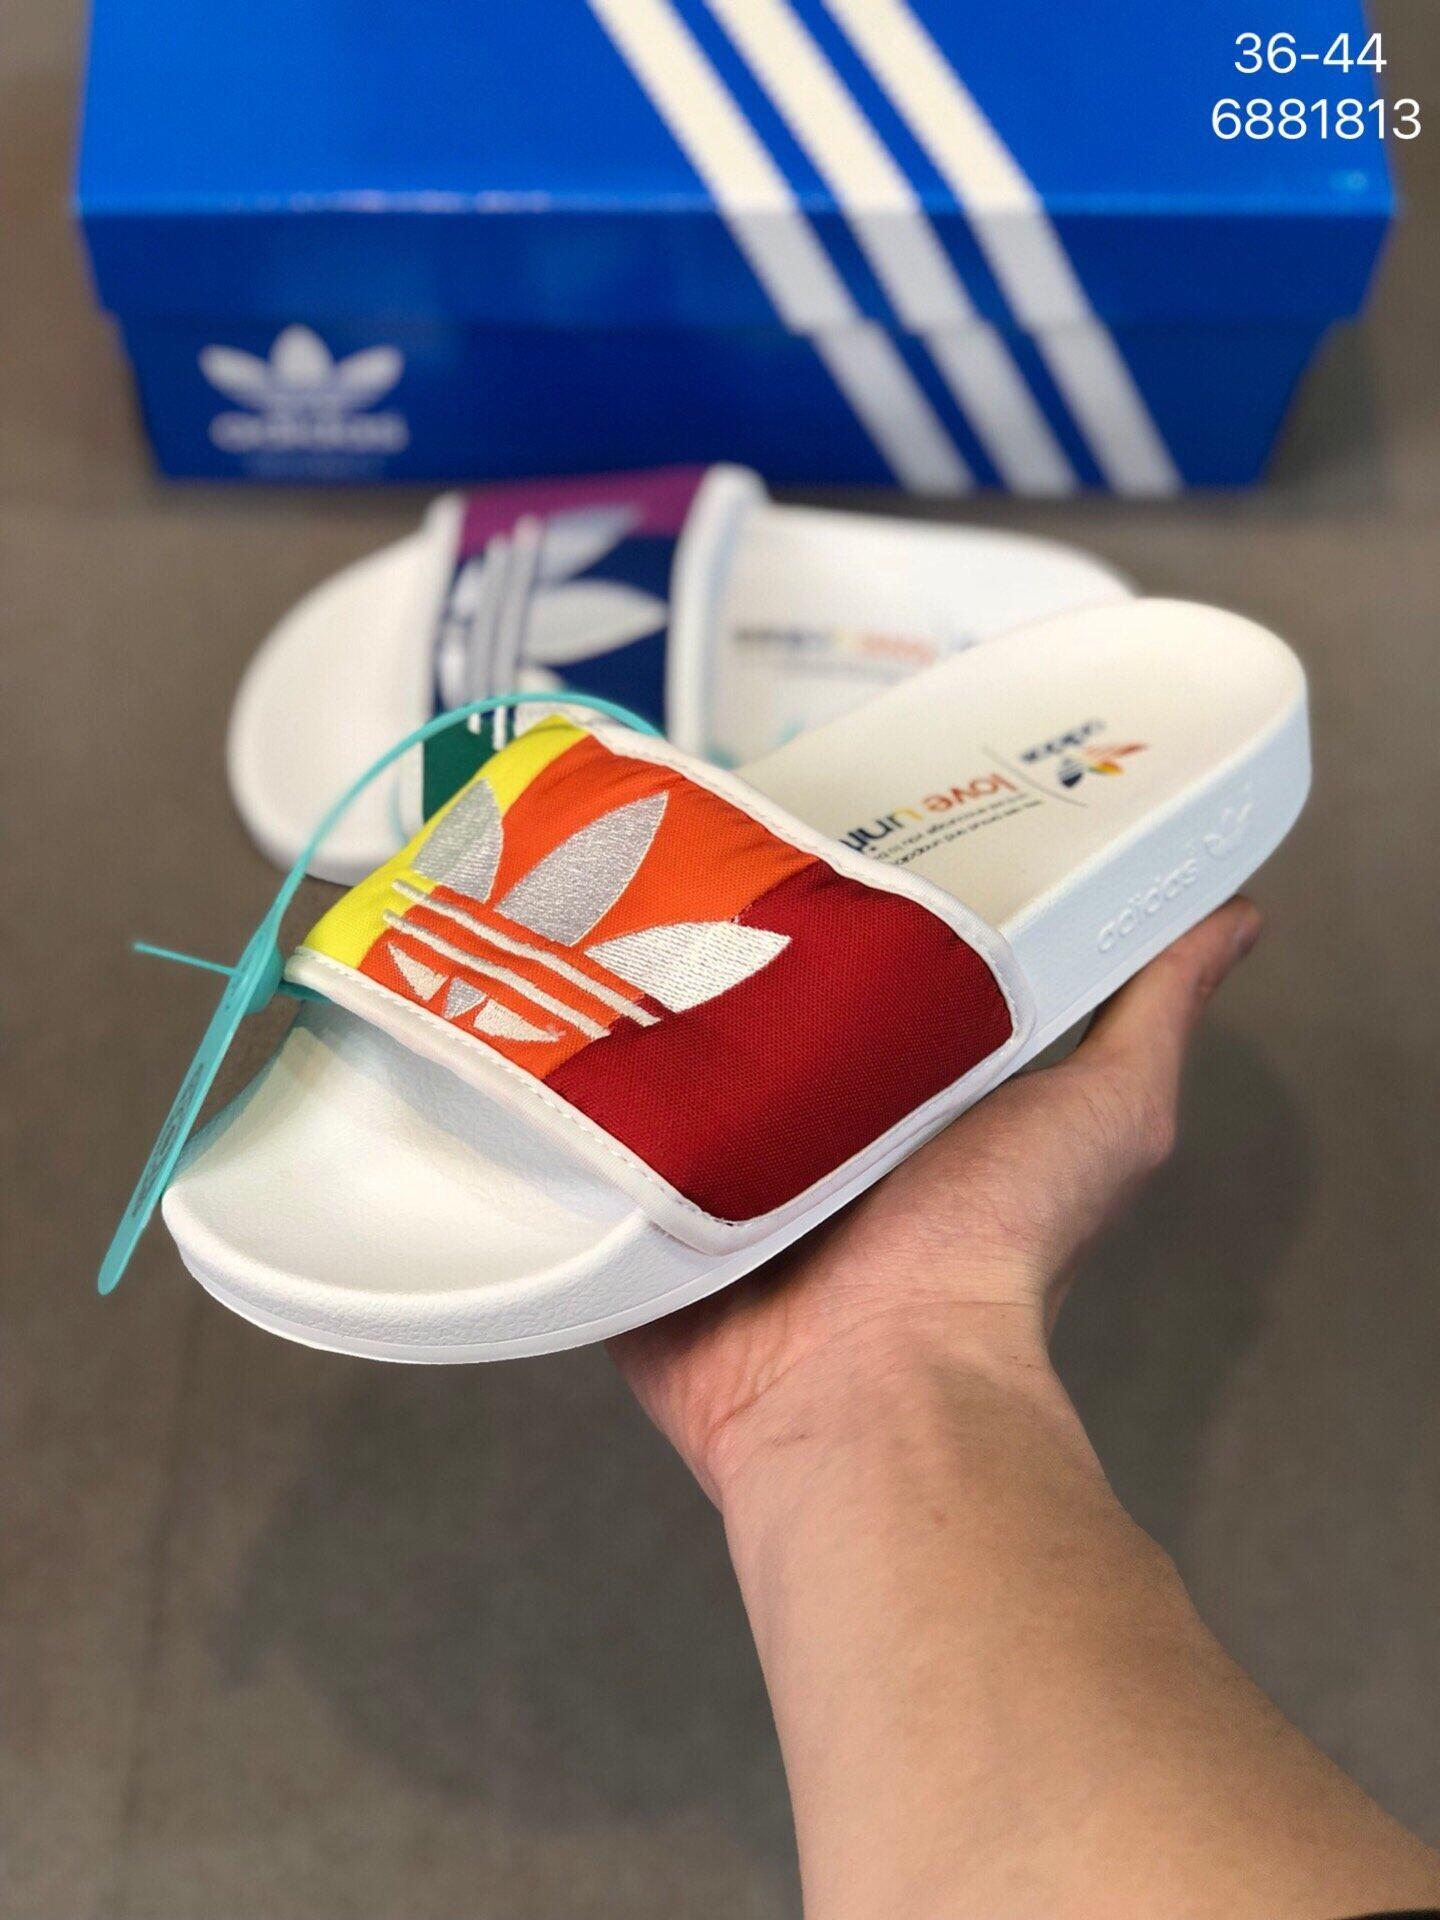 1502轻便透气彩虹鸳鸯男女鞋情侣款运动休闲拖鞋沙滩鞋 莆田鞋